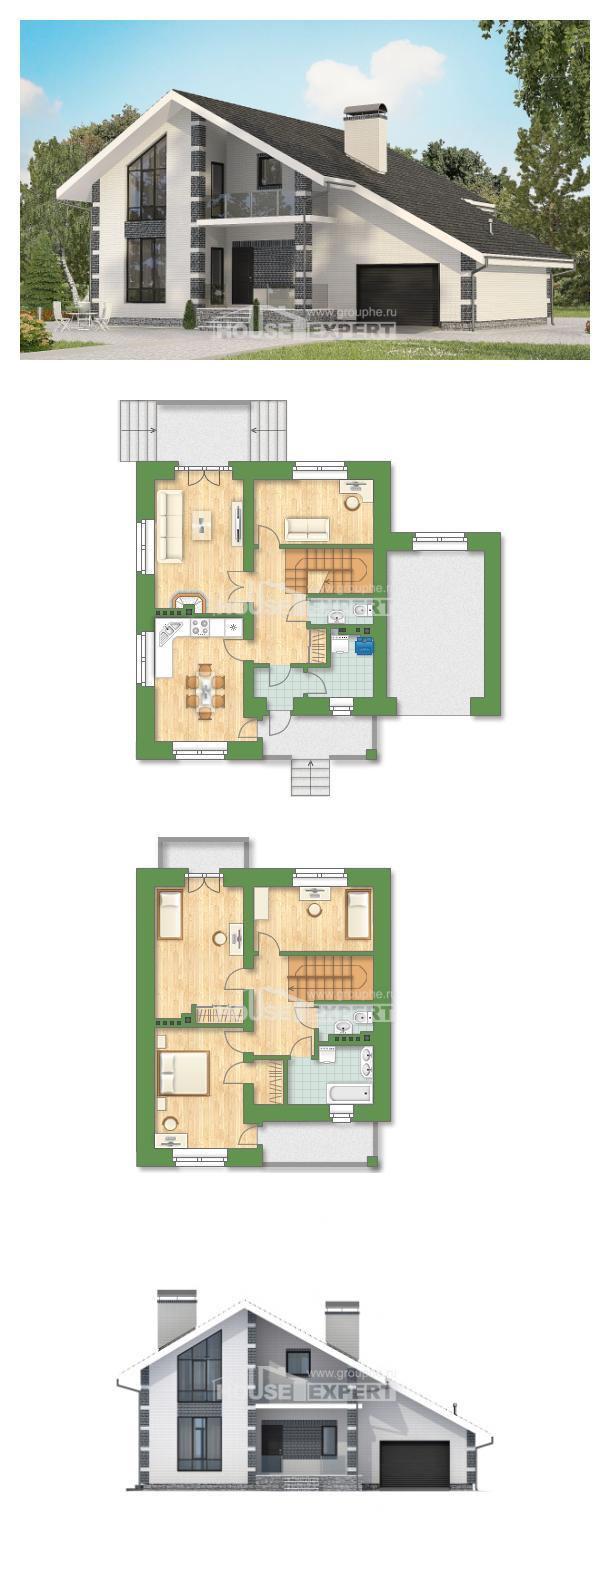 房子的设计 180-001-R | House Expert